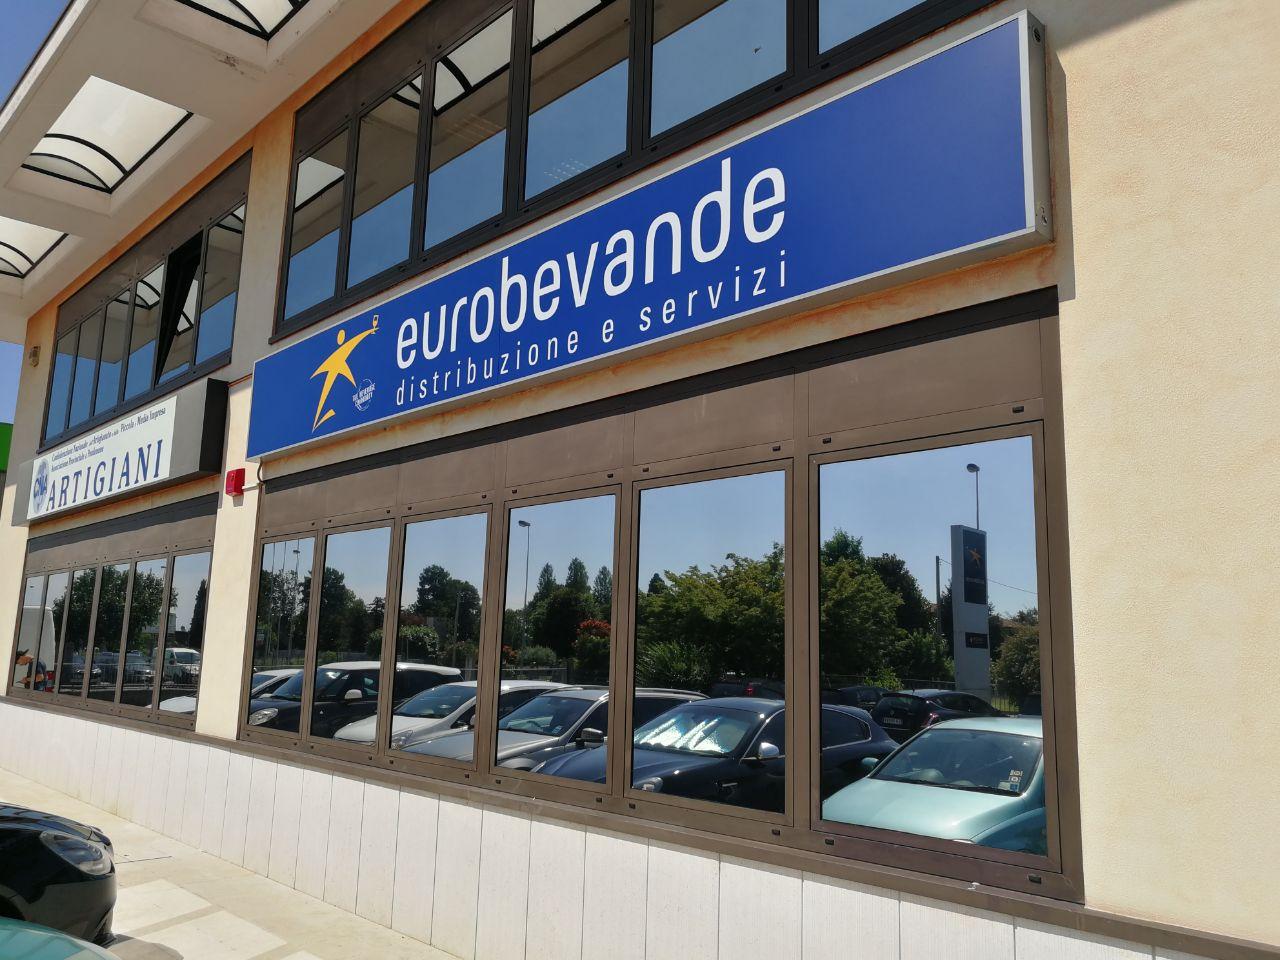 Antisolare Eurobevande.jpg